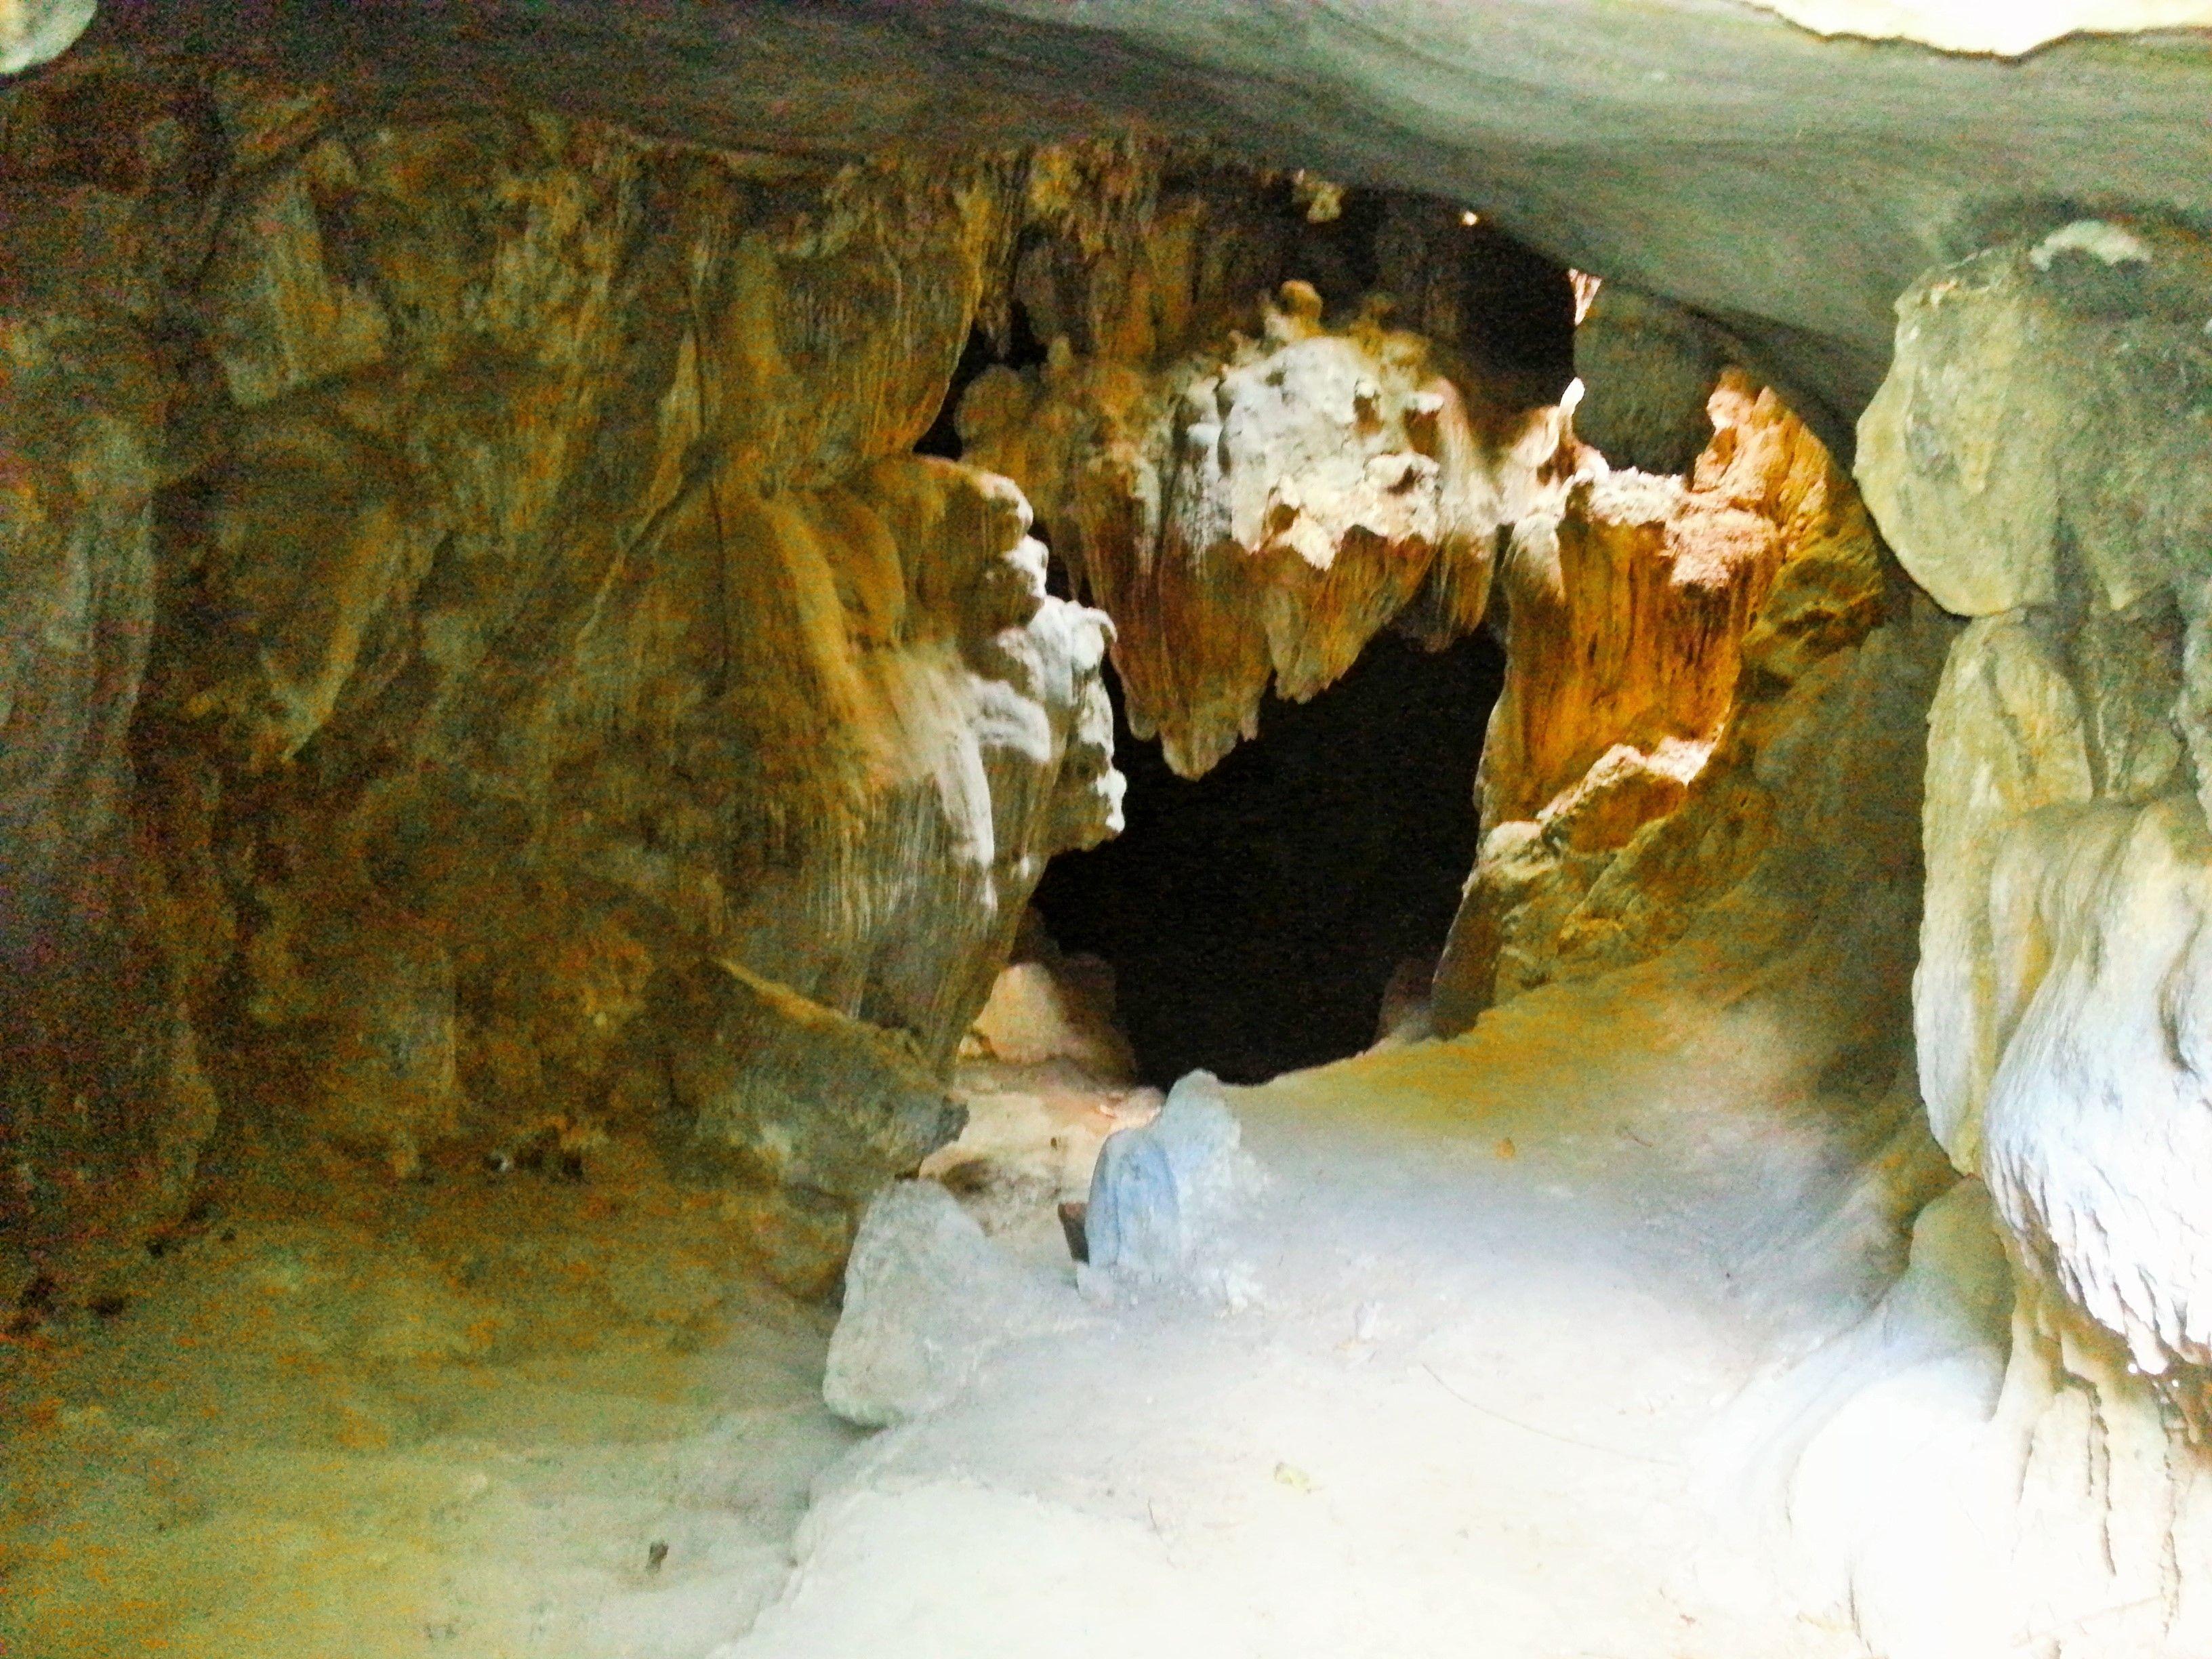 Calinawan Cave is located in Barangay Tandang Kutyo, Tanay